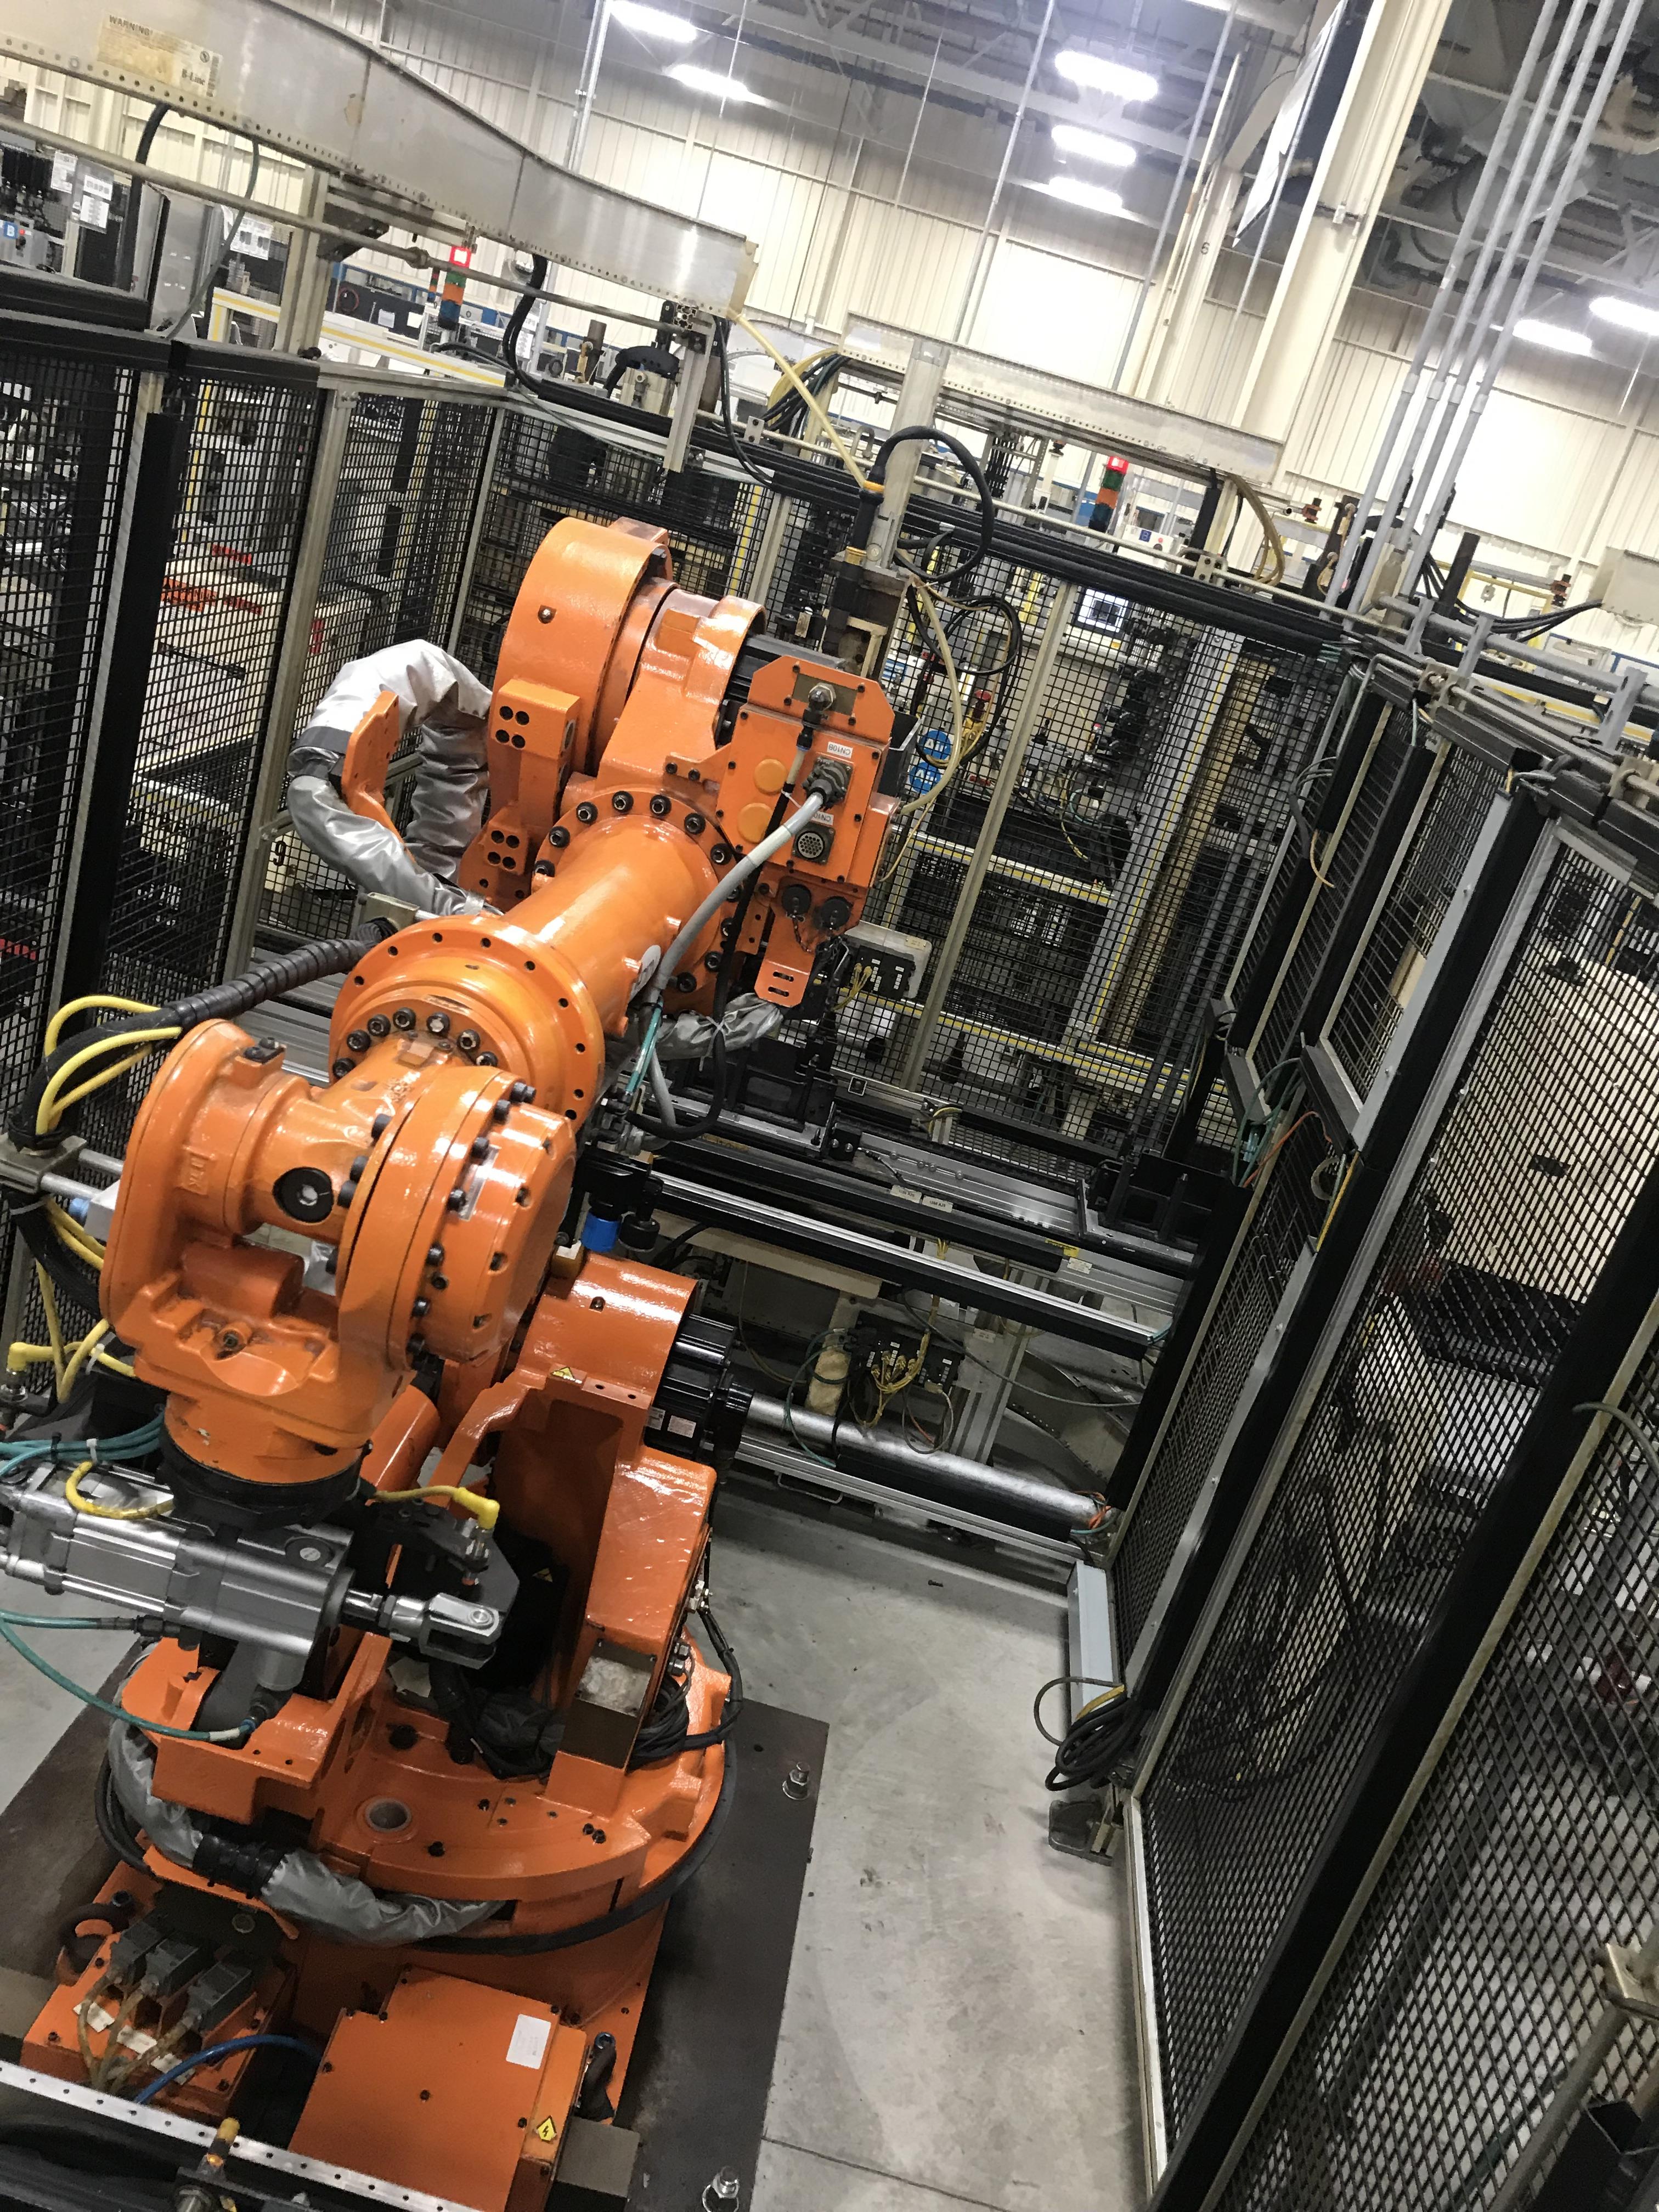 Lot 153 - 2002 Nachi SH-133-01 Robot